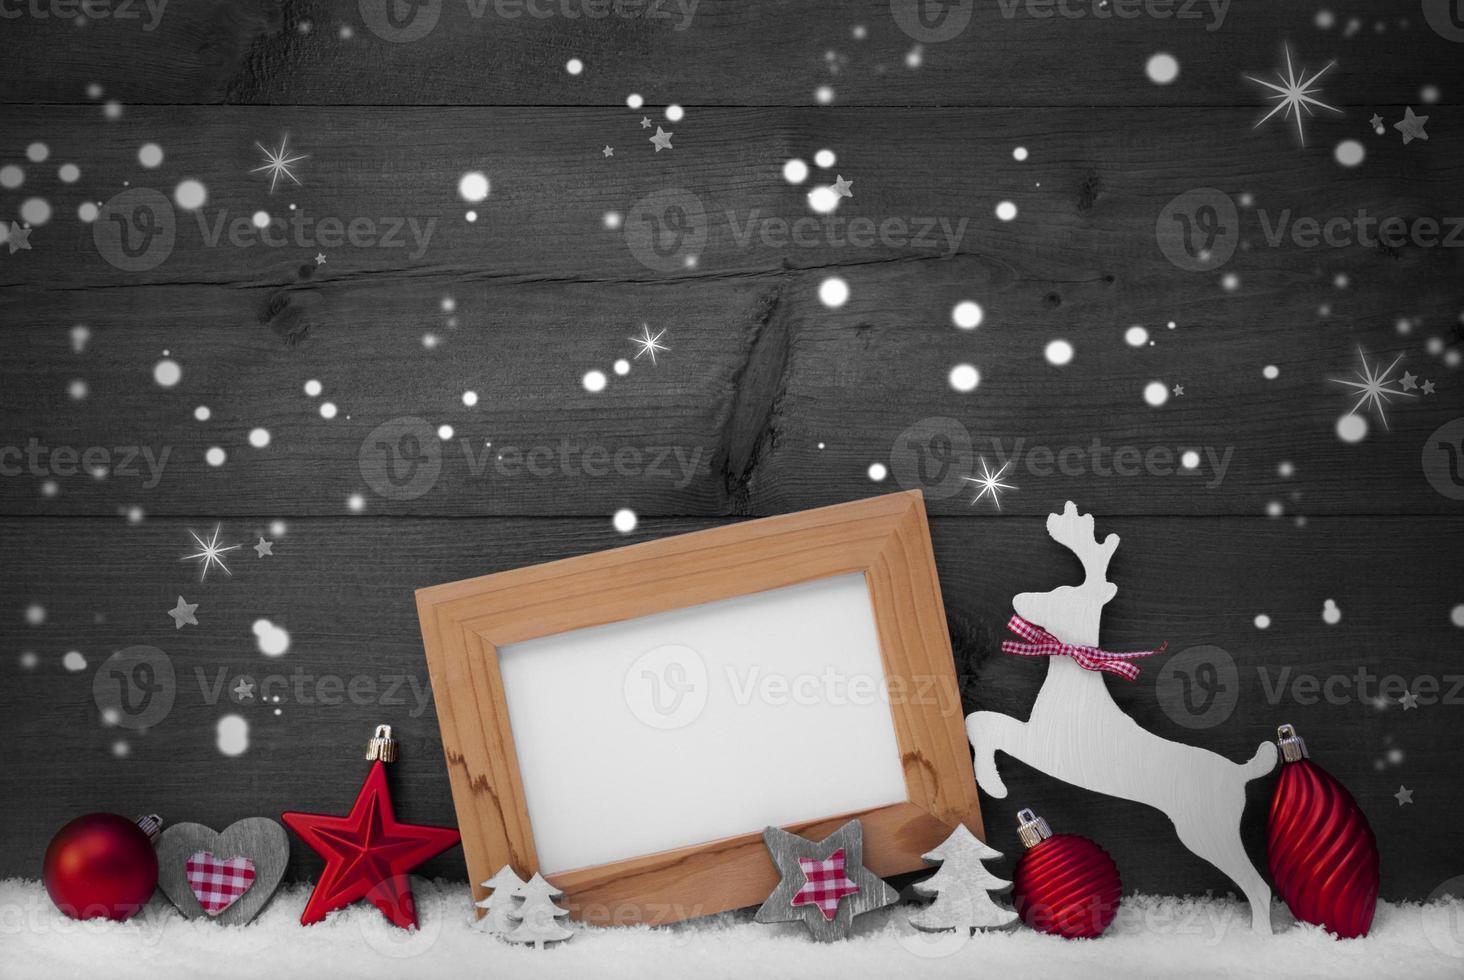 cartolina di Natale grigia con decorazioni rosse, copia spazio, snowfalkes foto